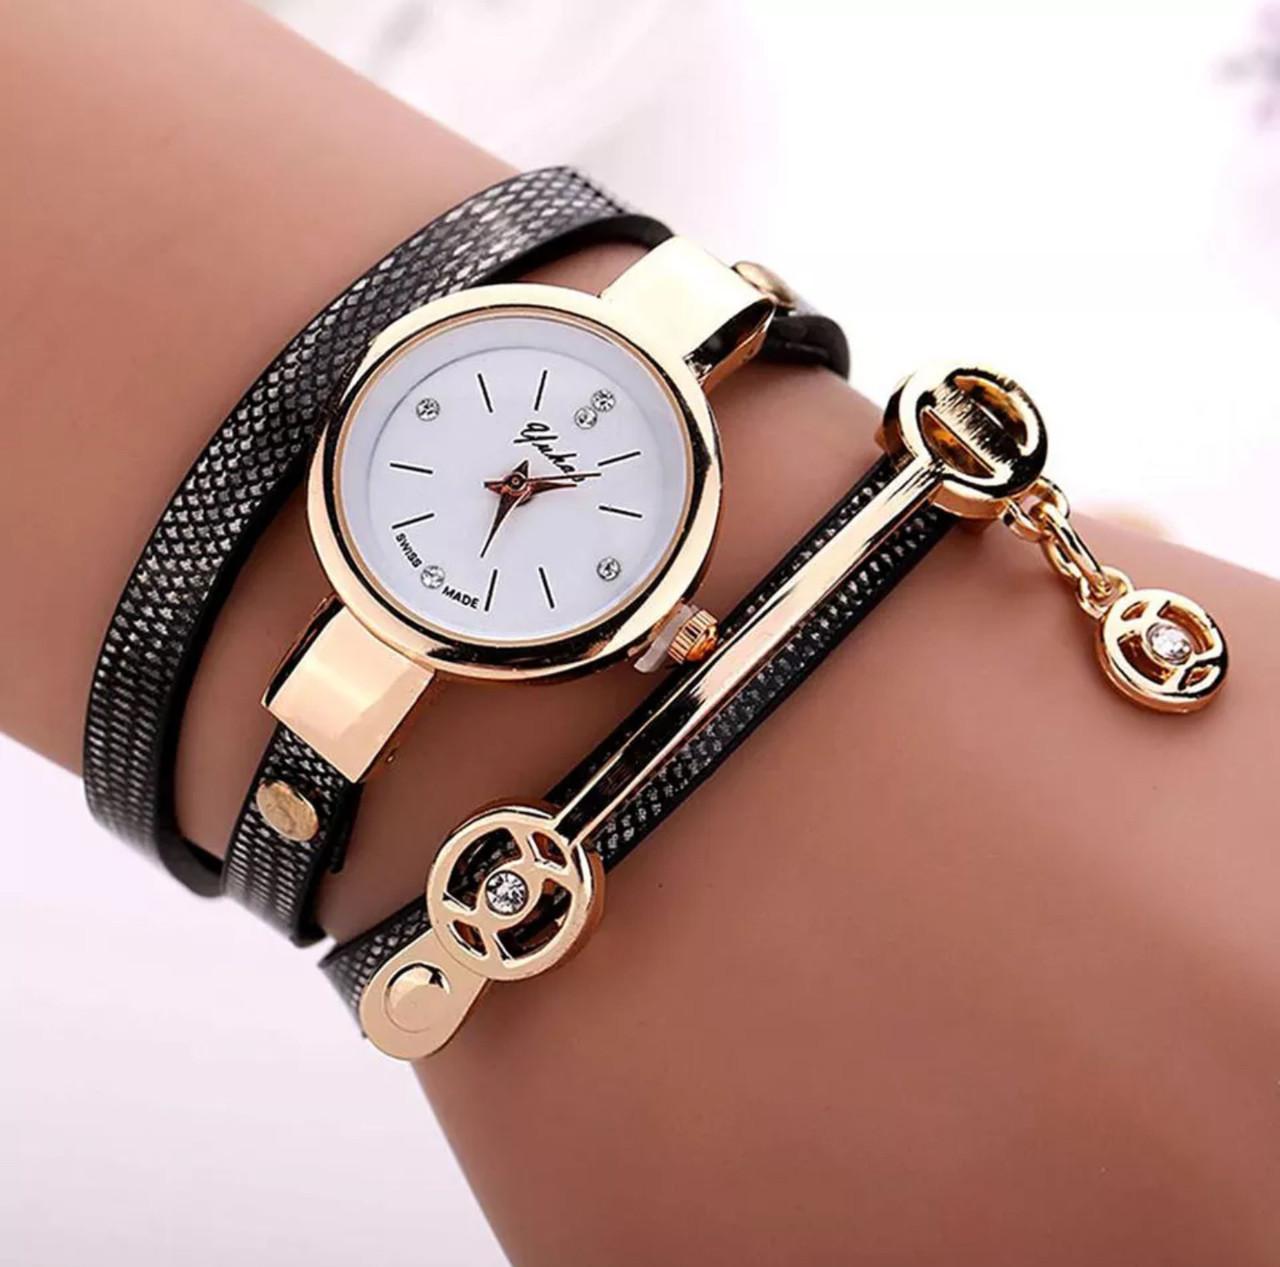 Стильные женские наручные часы-браслет «Black time» (черный)